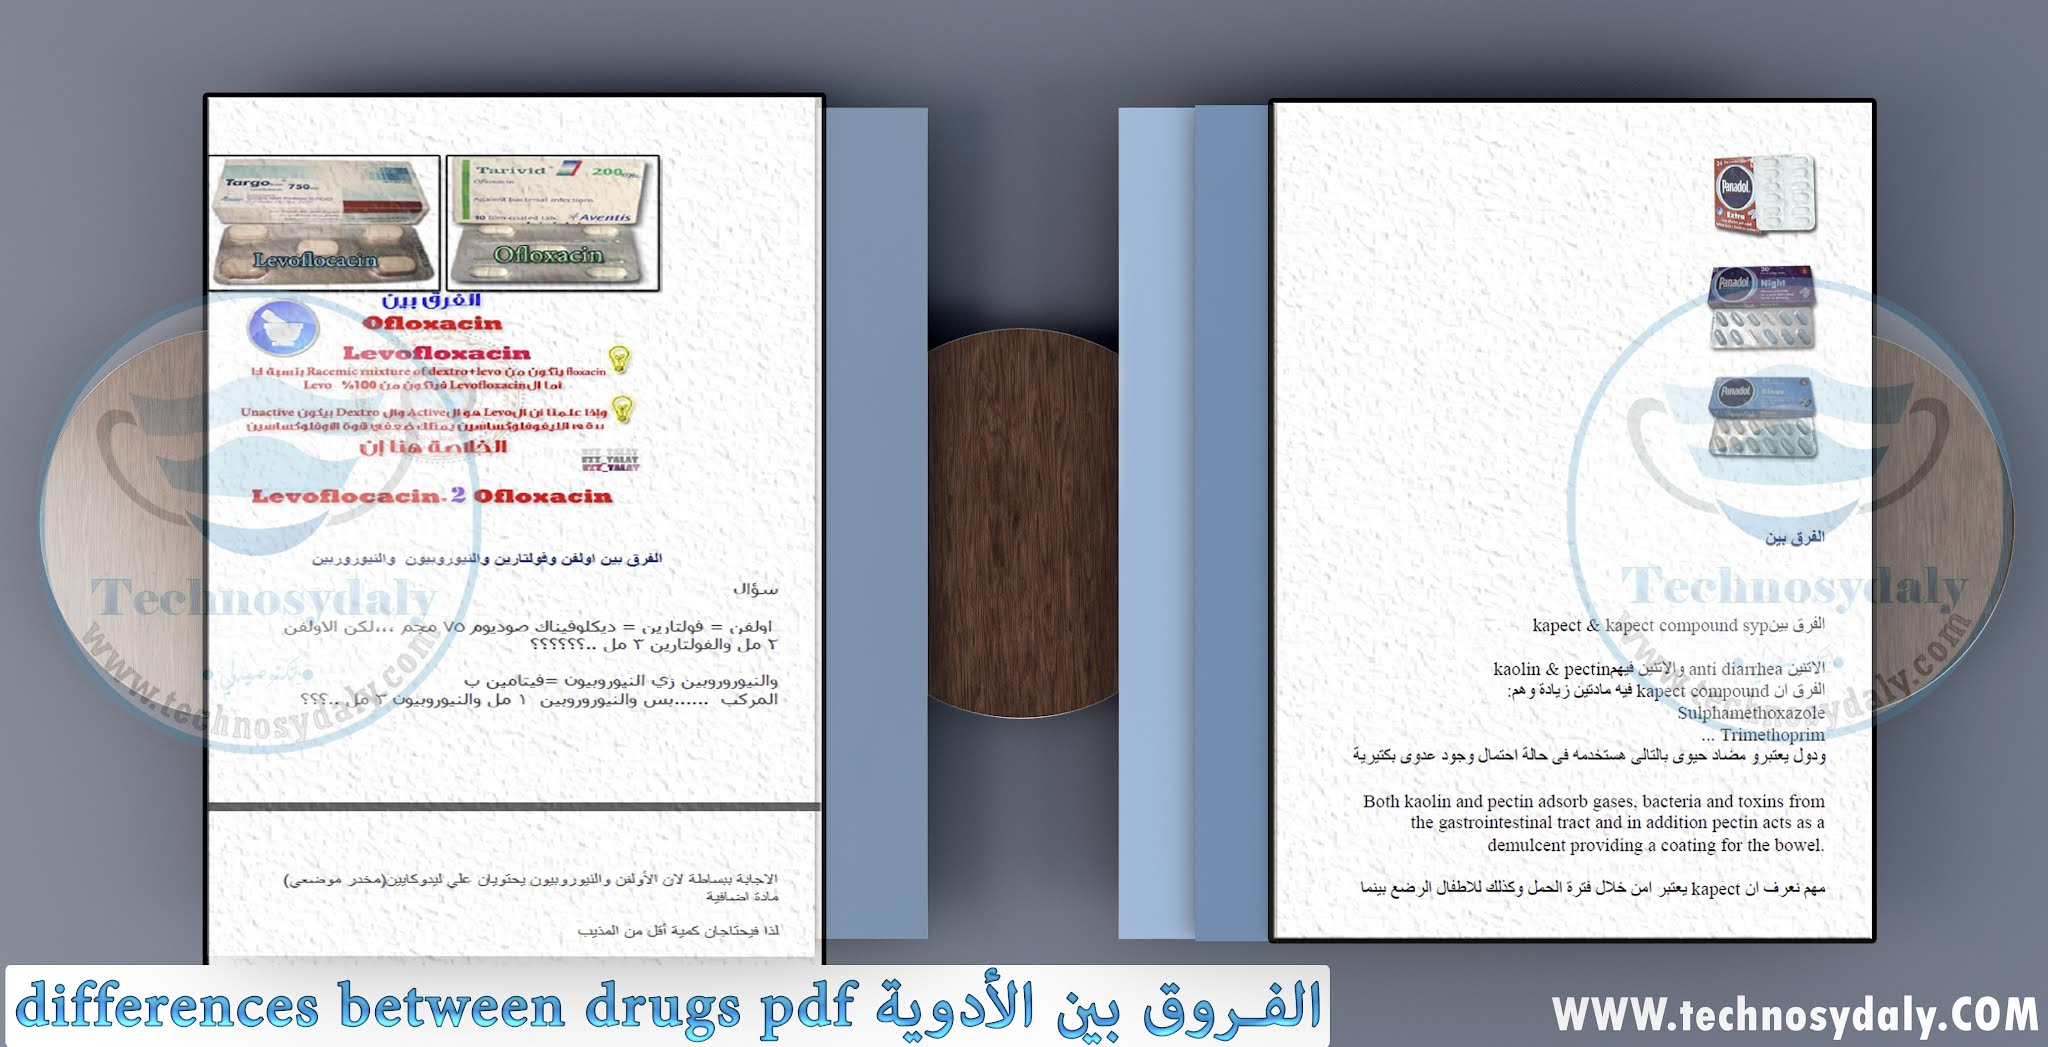 الفروق بين الأدوية differences between drugs pdf